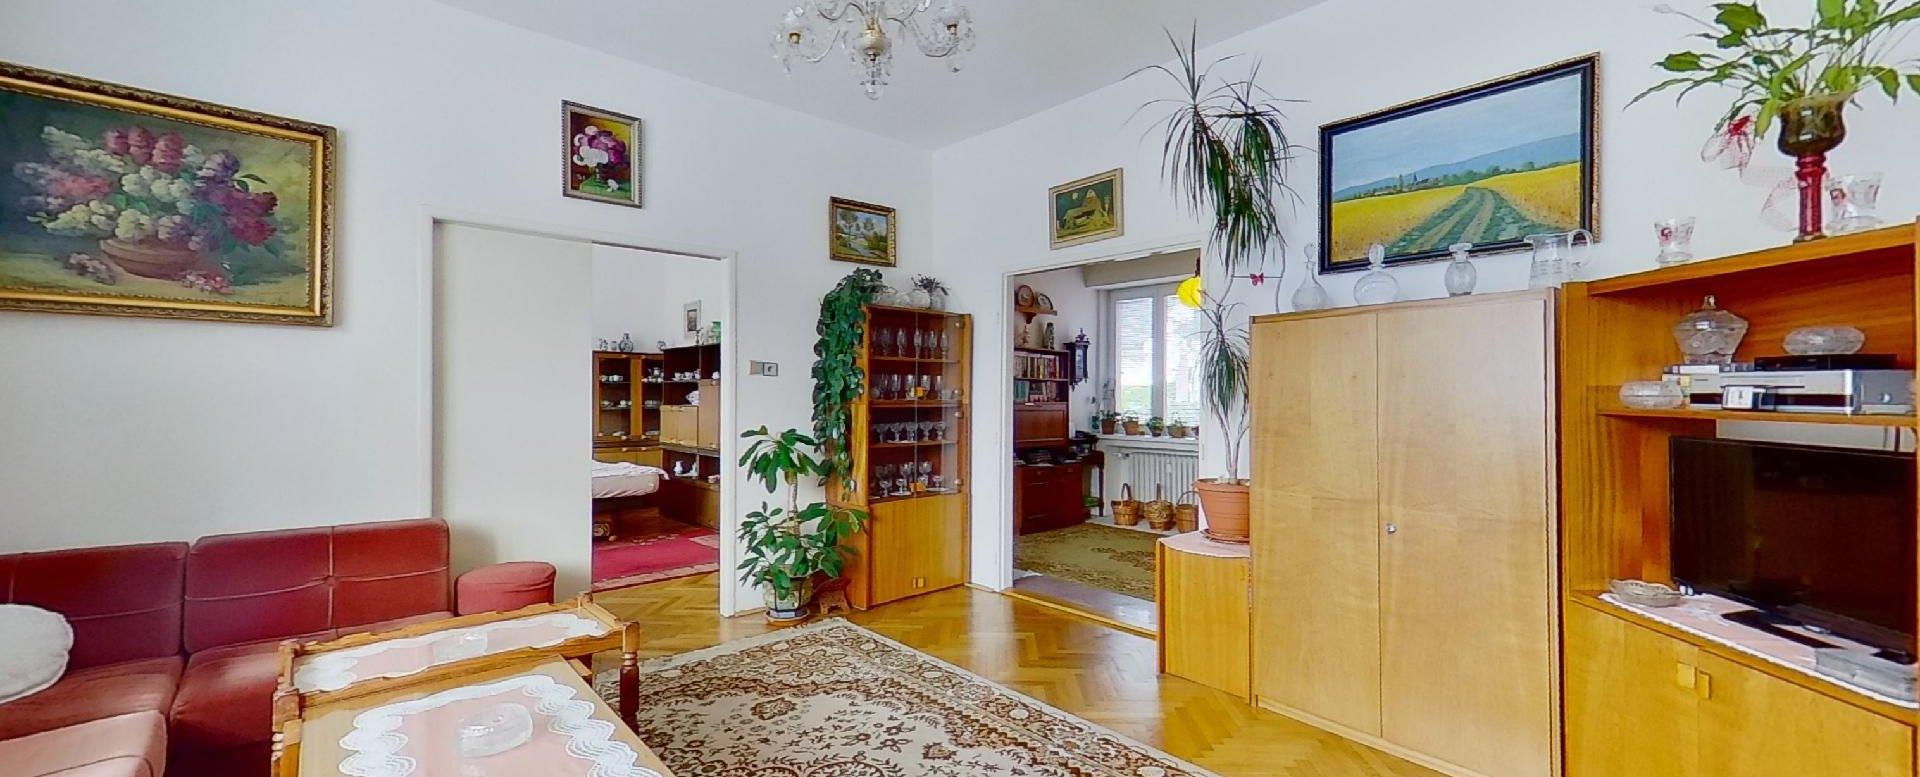 Konferenčný stolík a nábytok v obývacej izbe